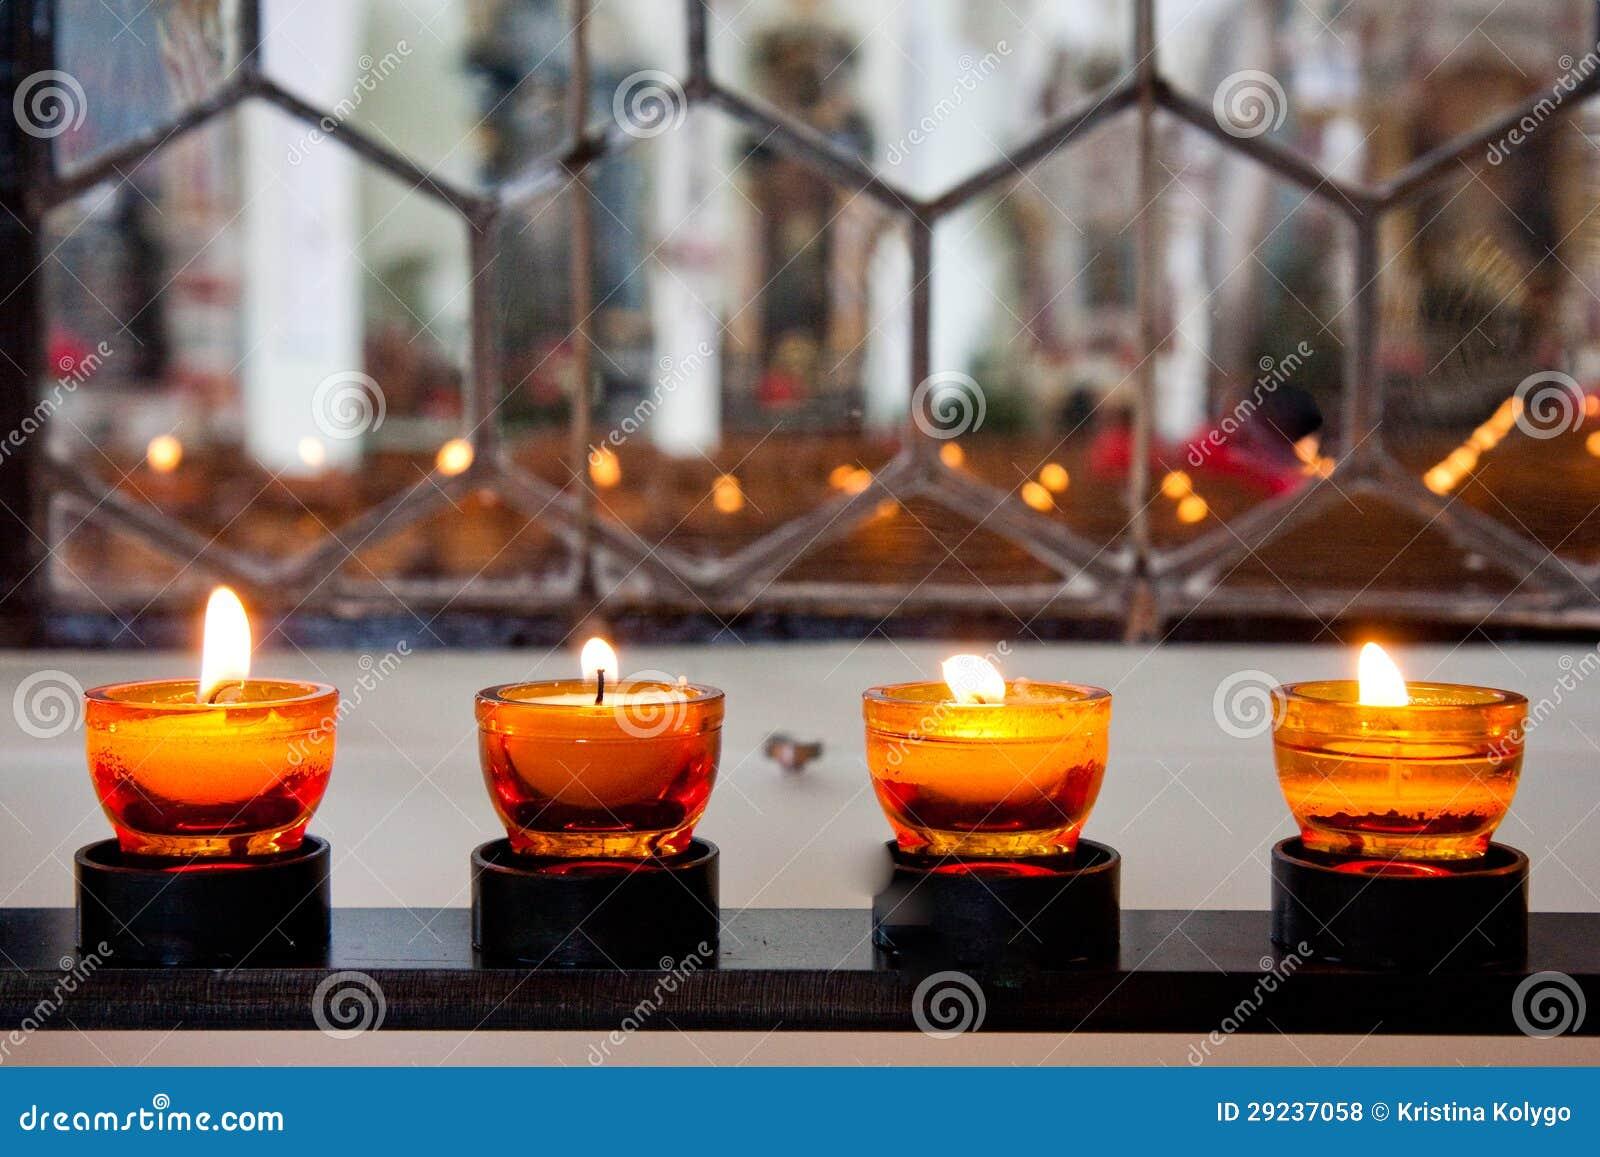 Download Luz da vela foto de stock. Imagem de raso, campo, diagonal - 29237058